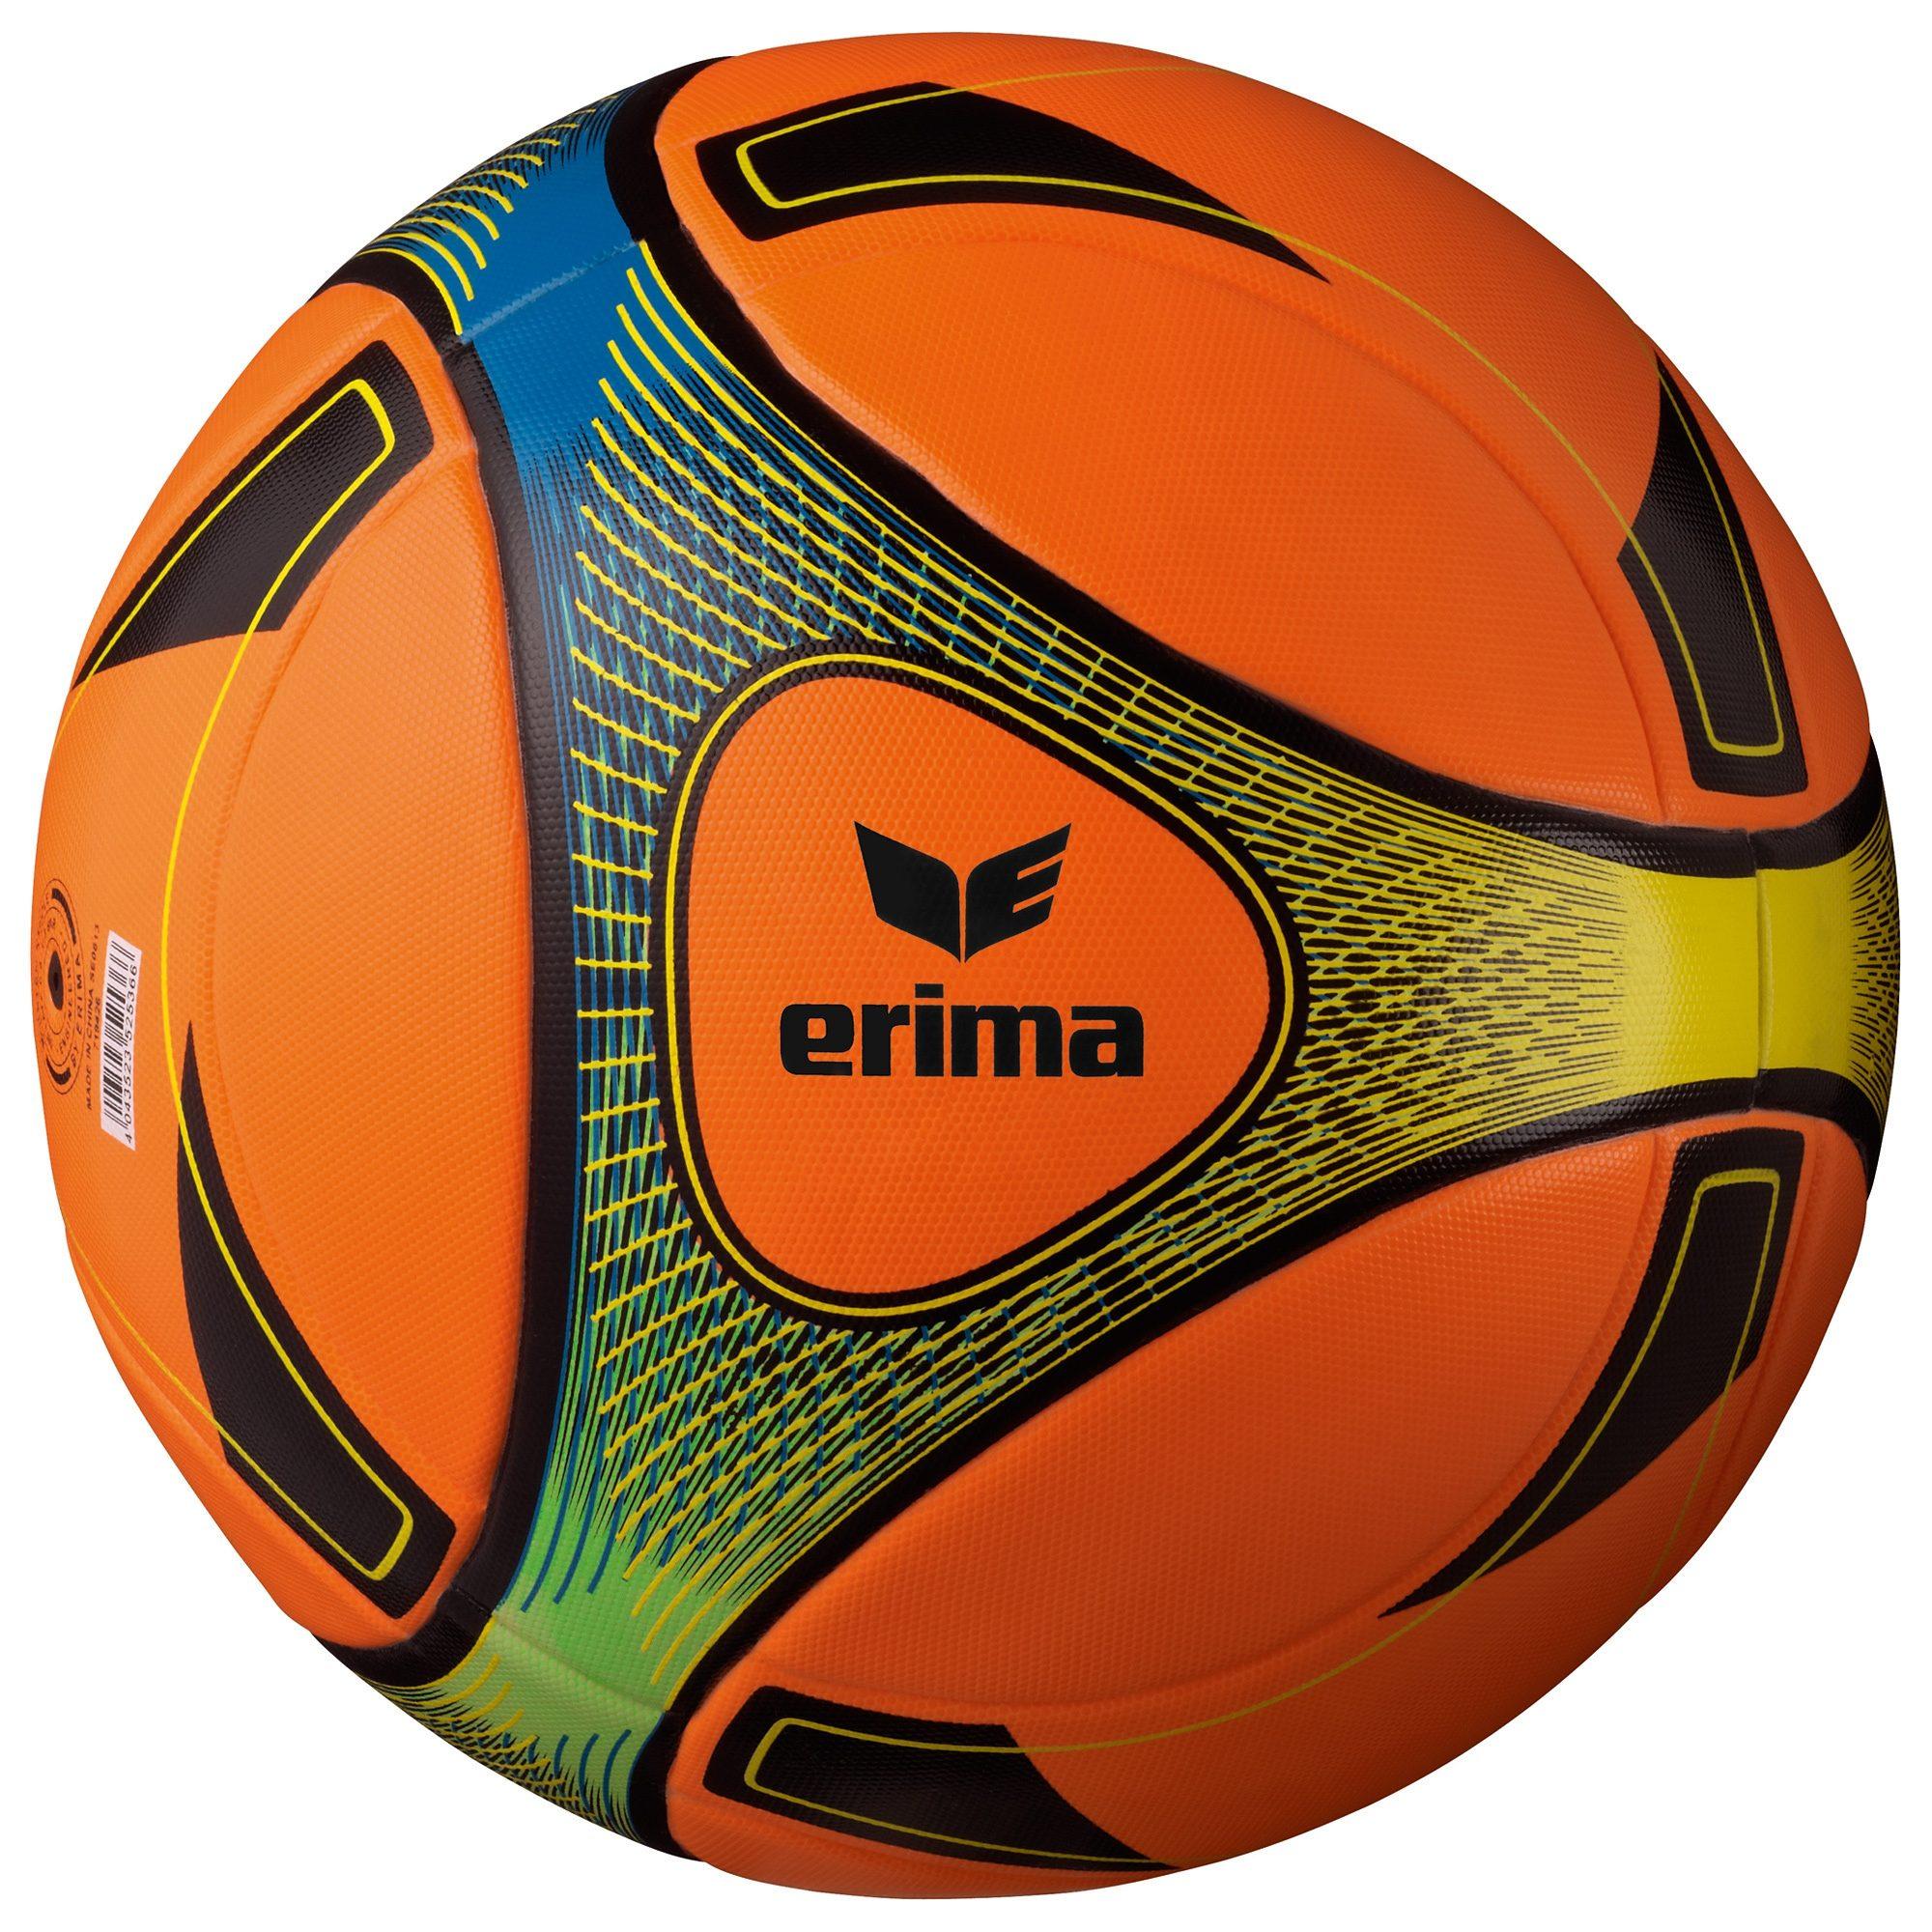 ERIMA Senzor Match Snow Fußball